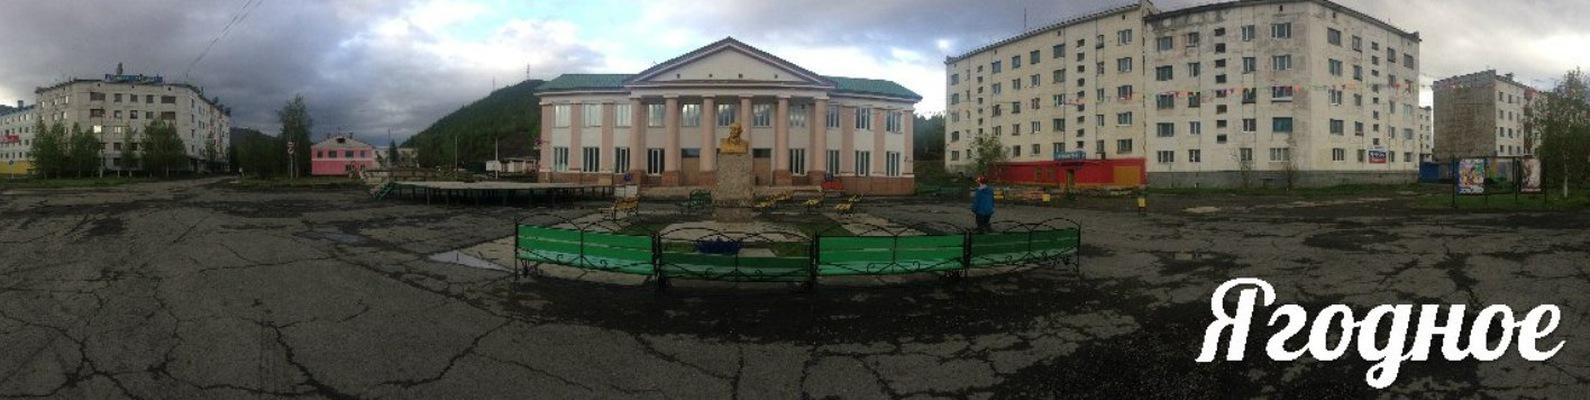 Валуйки белгородская область фото сицилия картинки